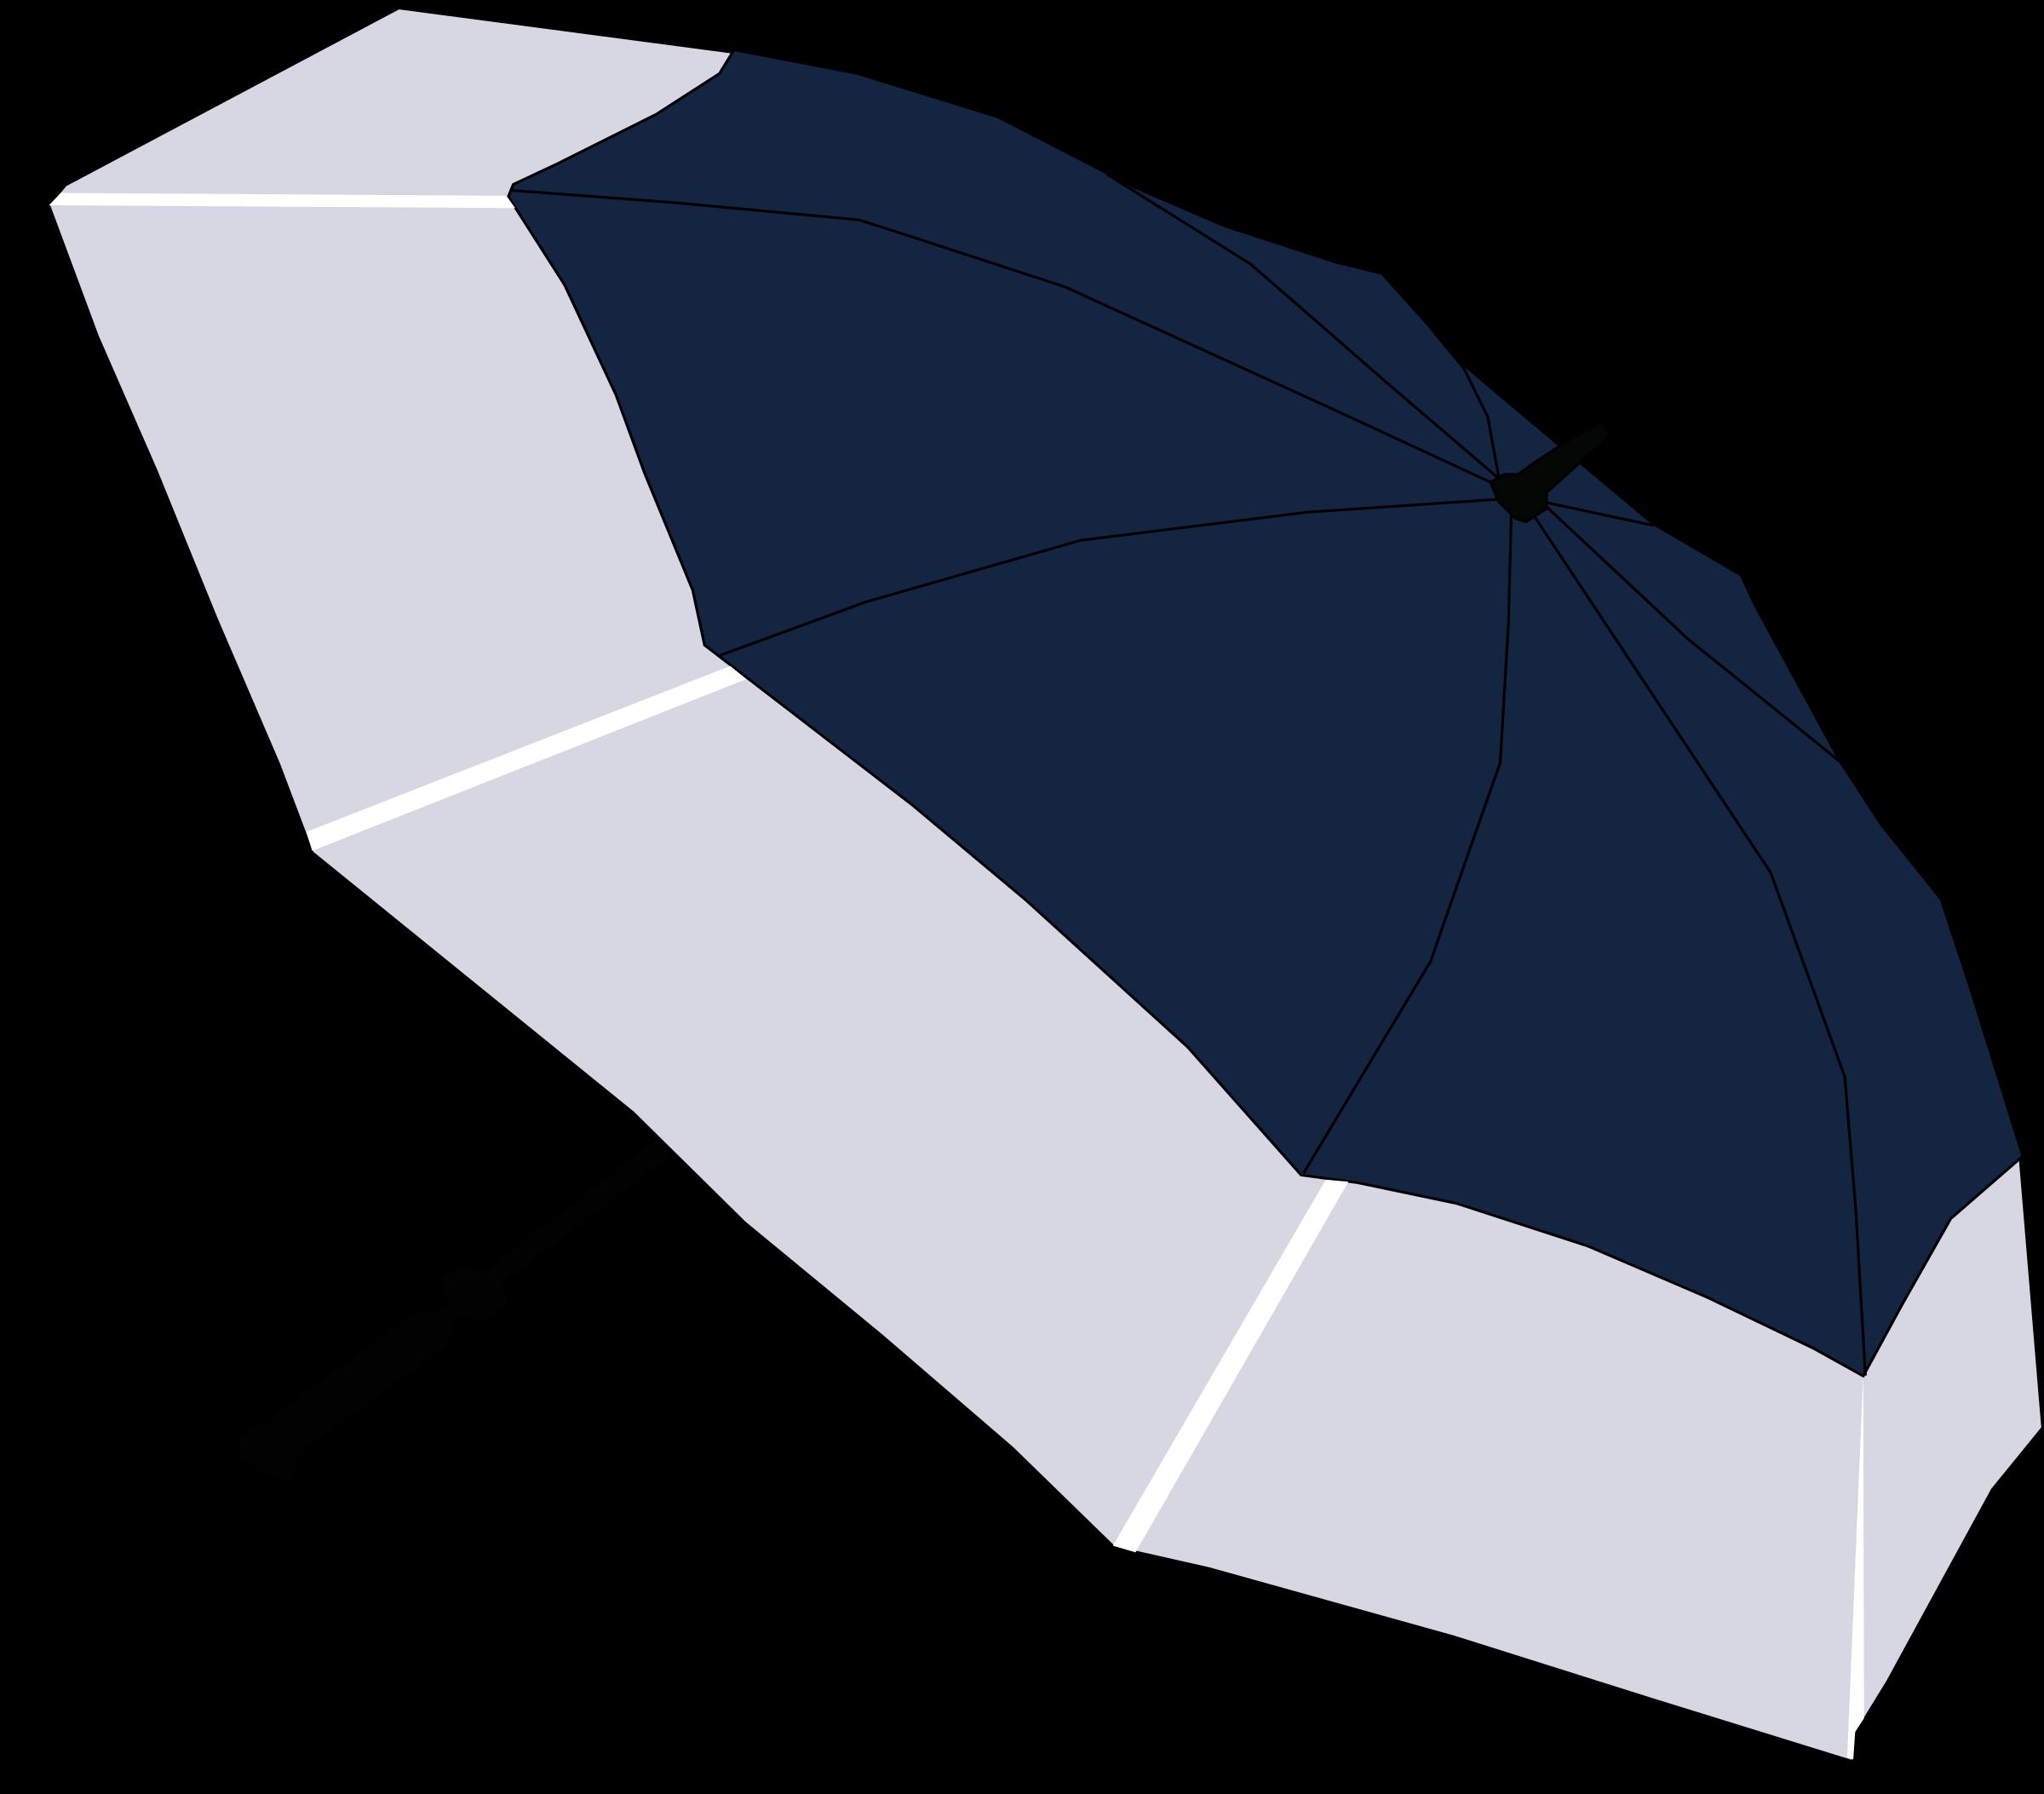 Clipart umbrella vector.